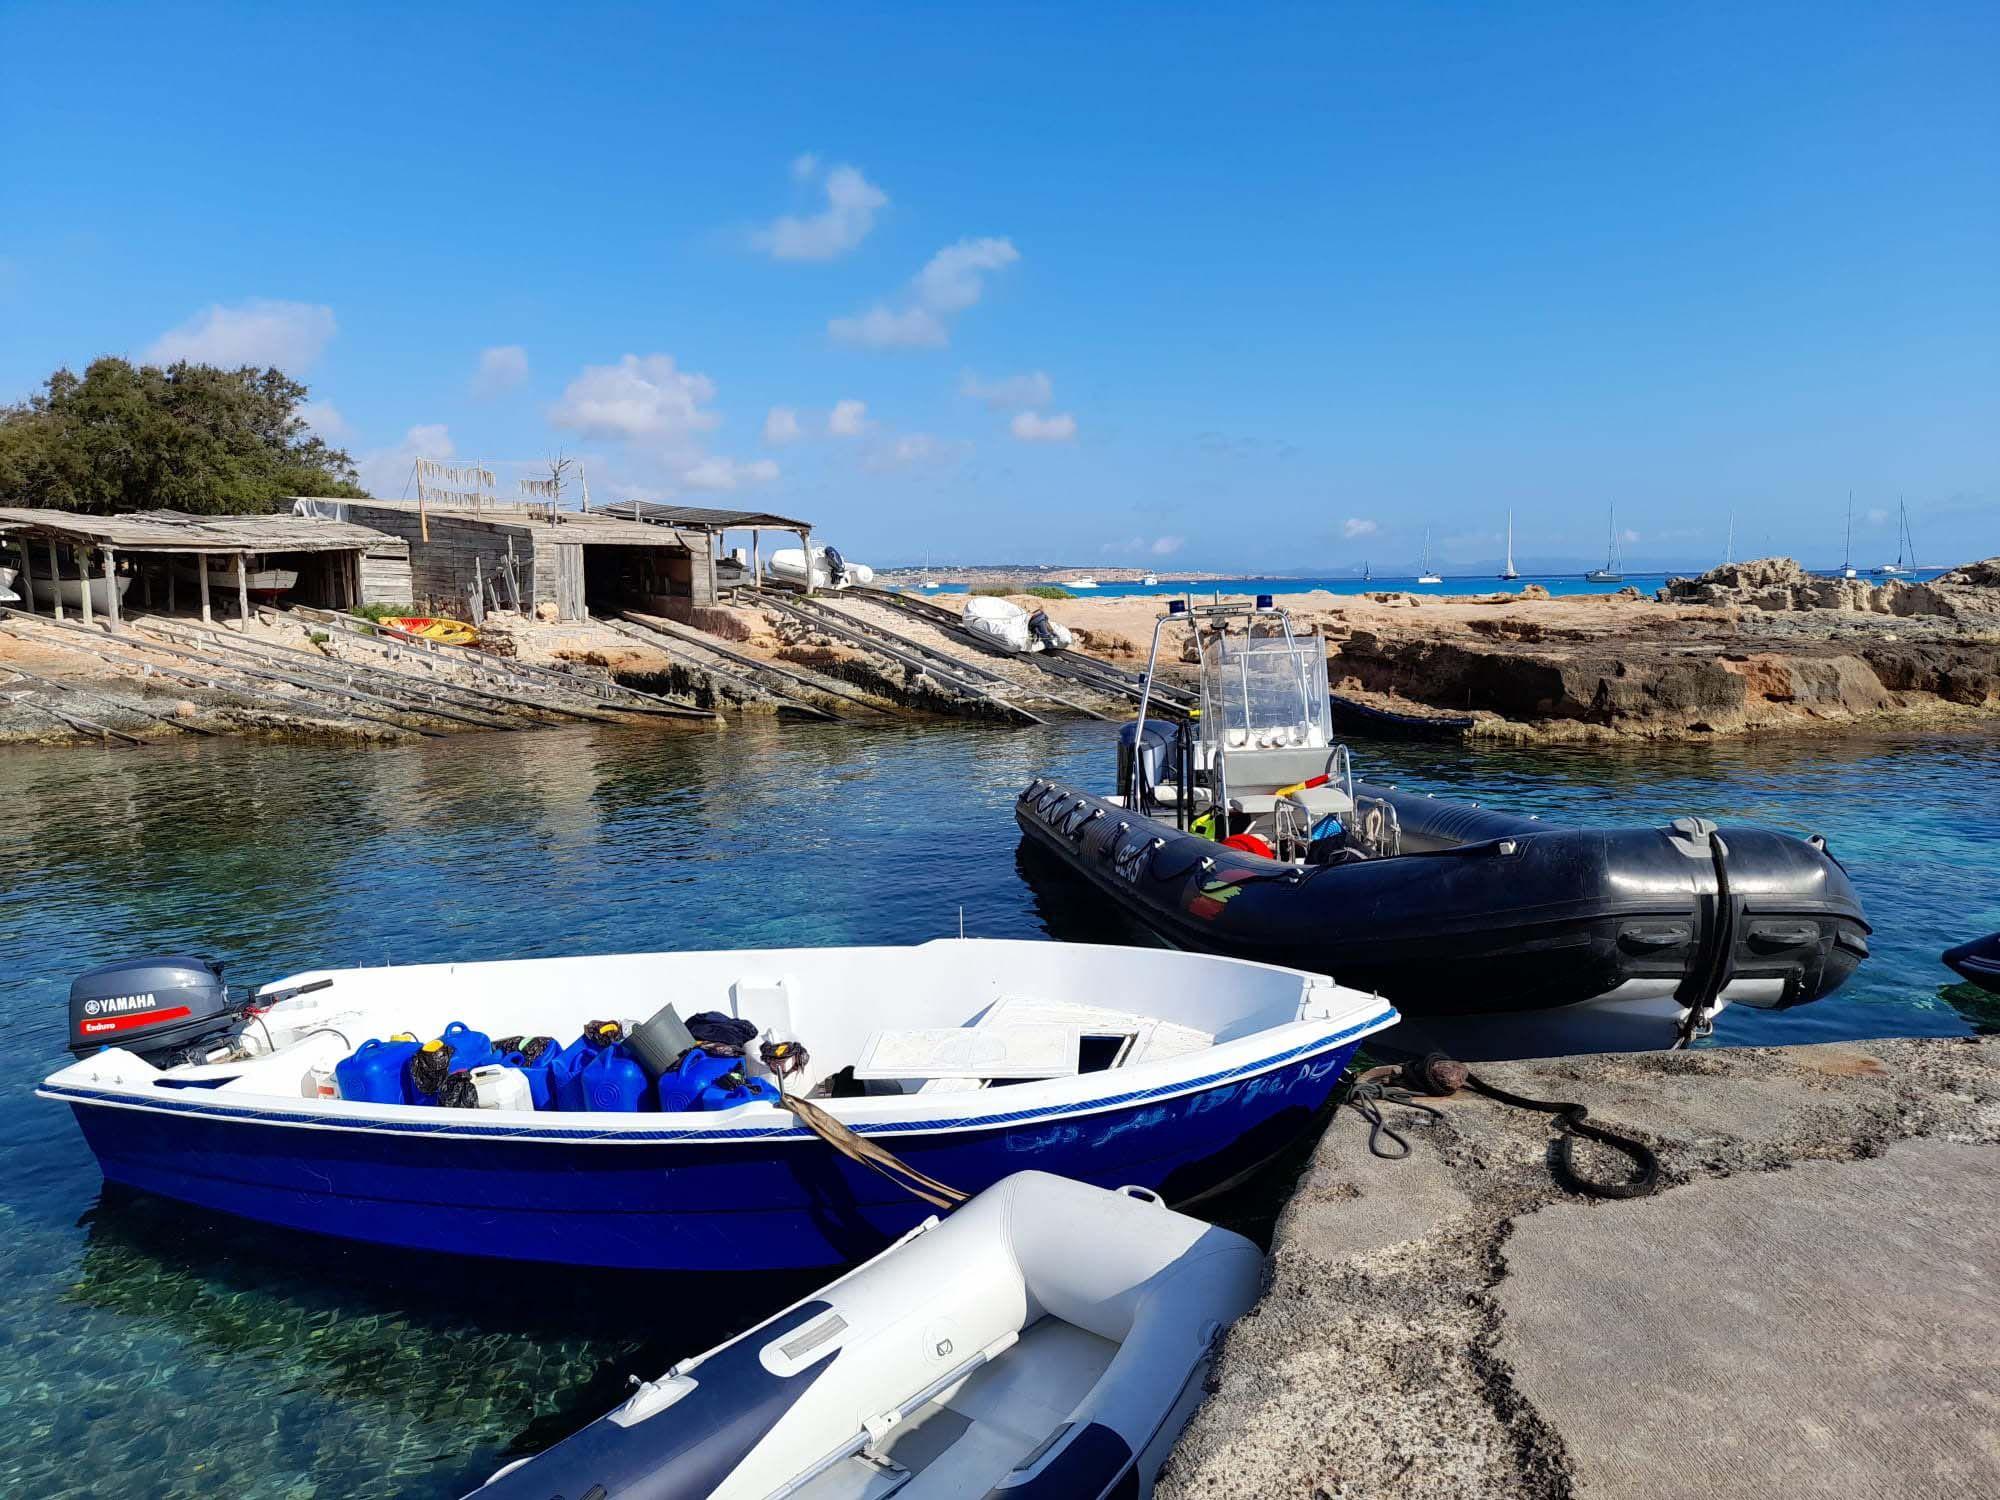 Llegan 28 migrantes en dos pateras a Formentera en menos de 24 horas